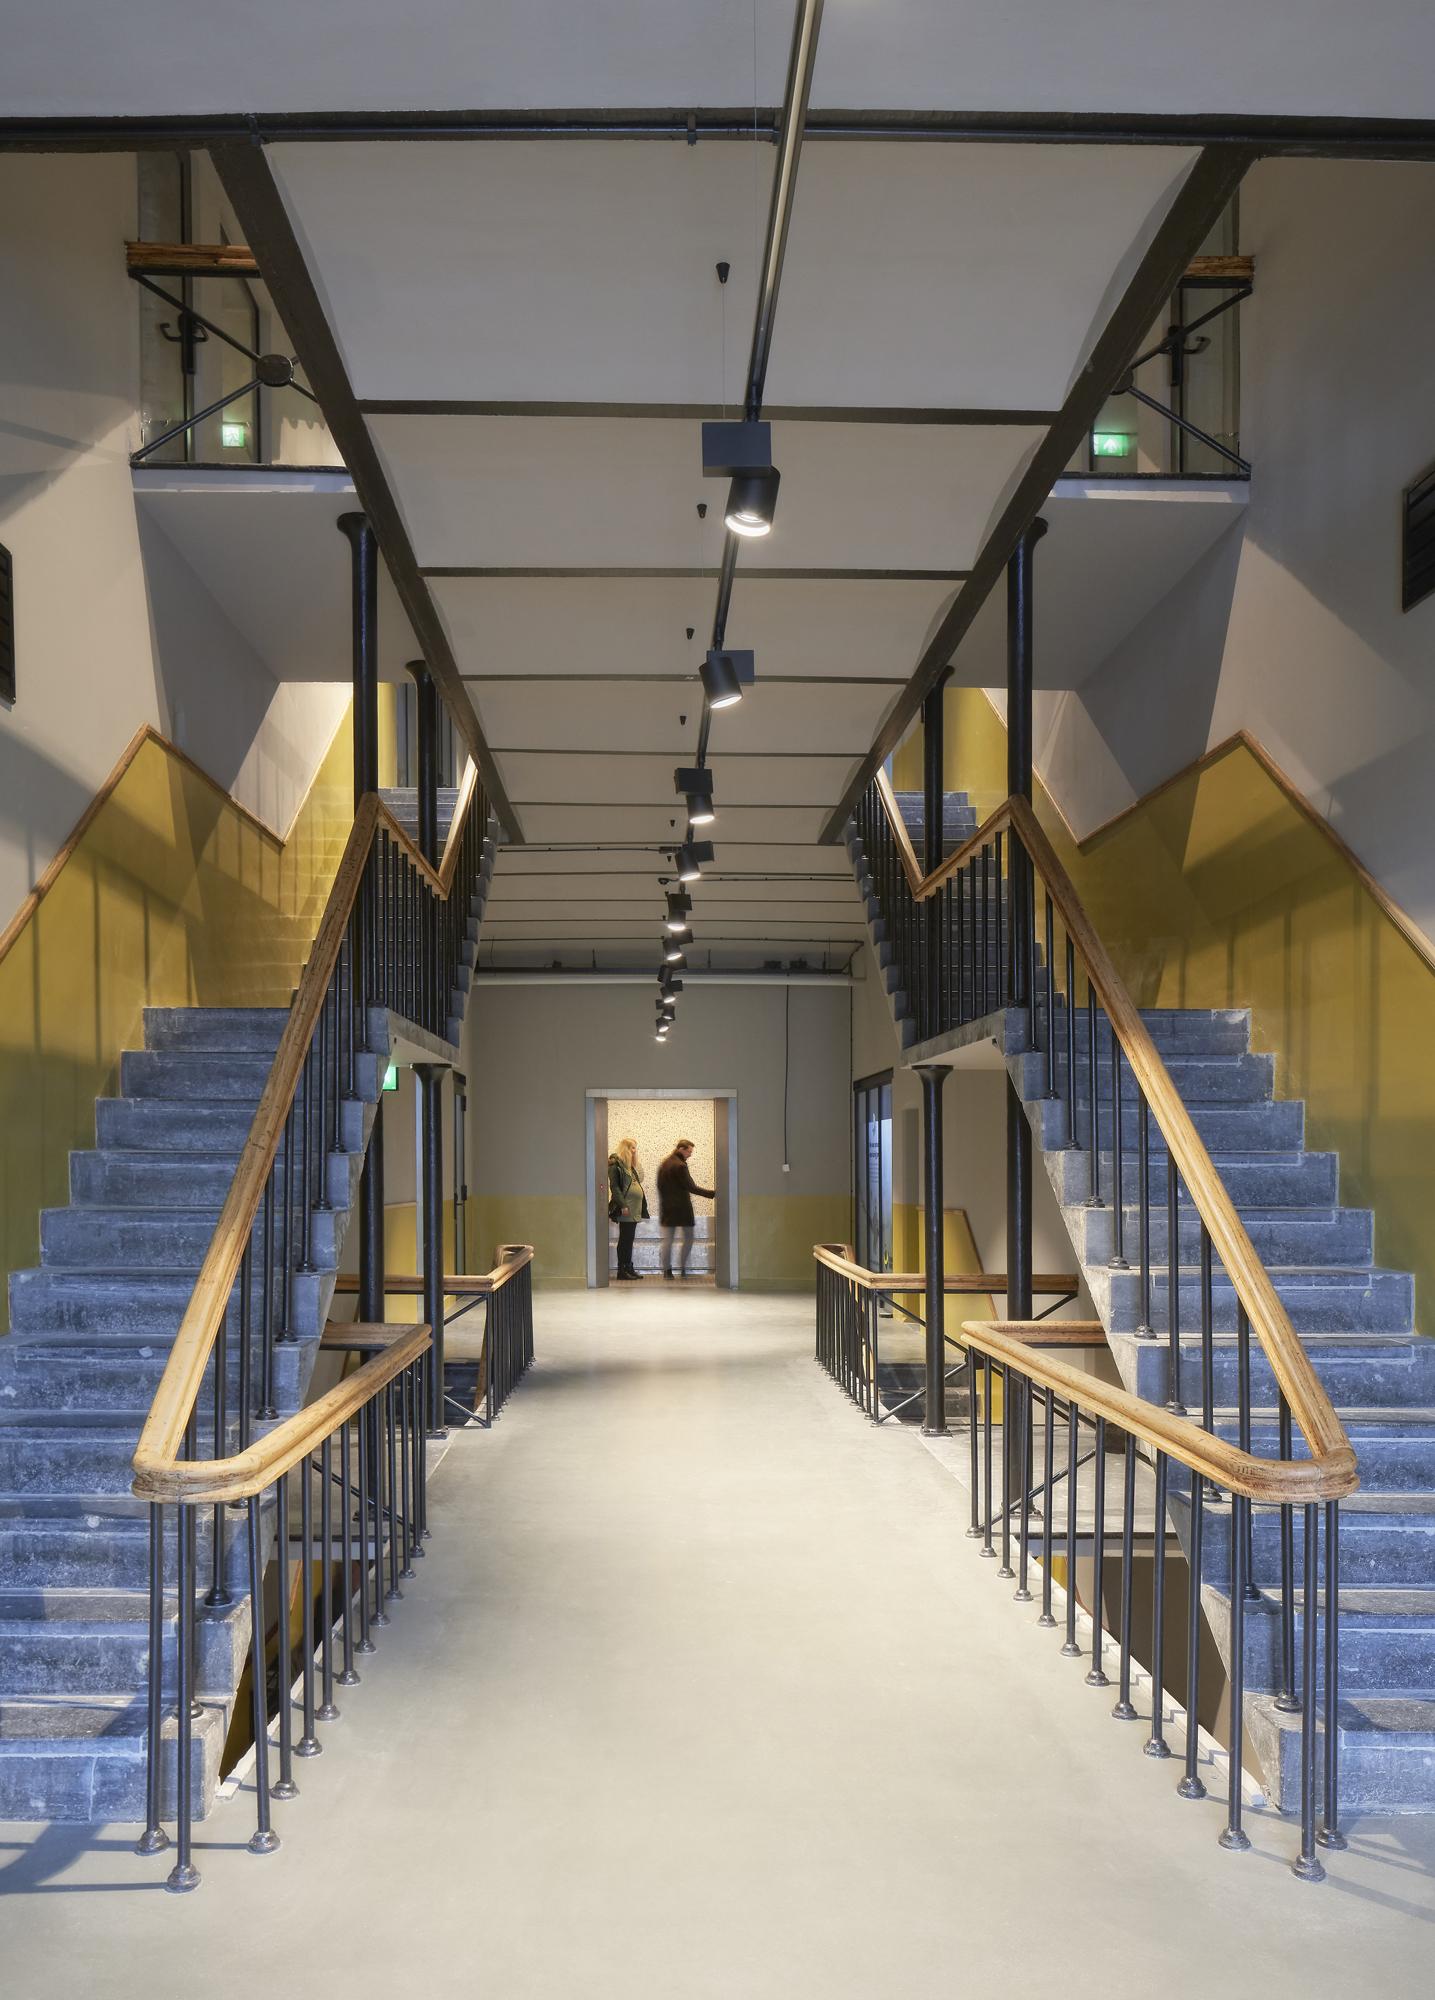 <p>De Blokhuispoort, trappenhuis alcovengebouw, foto: Gerard van Beek</p>